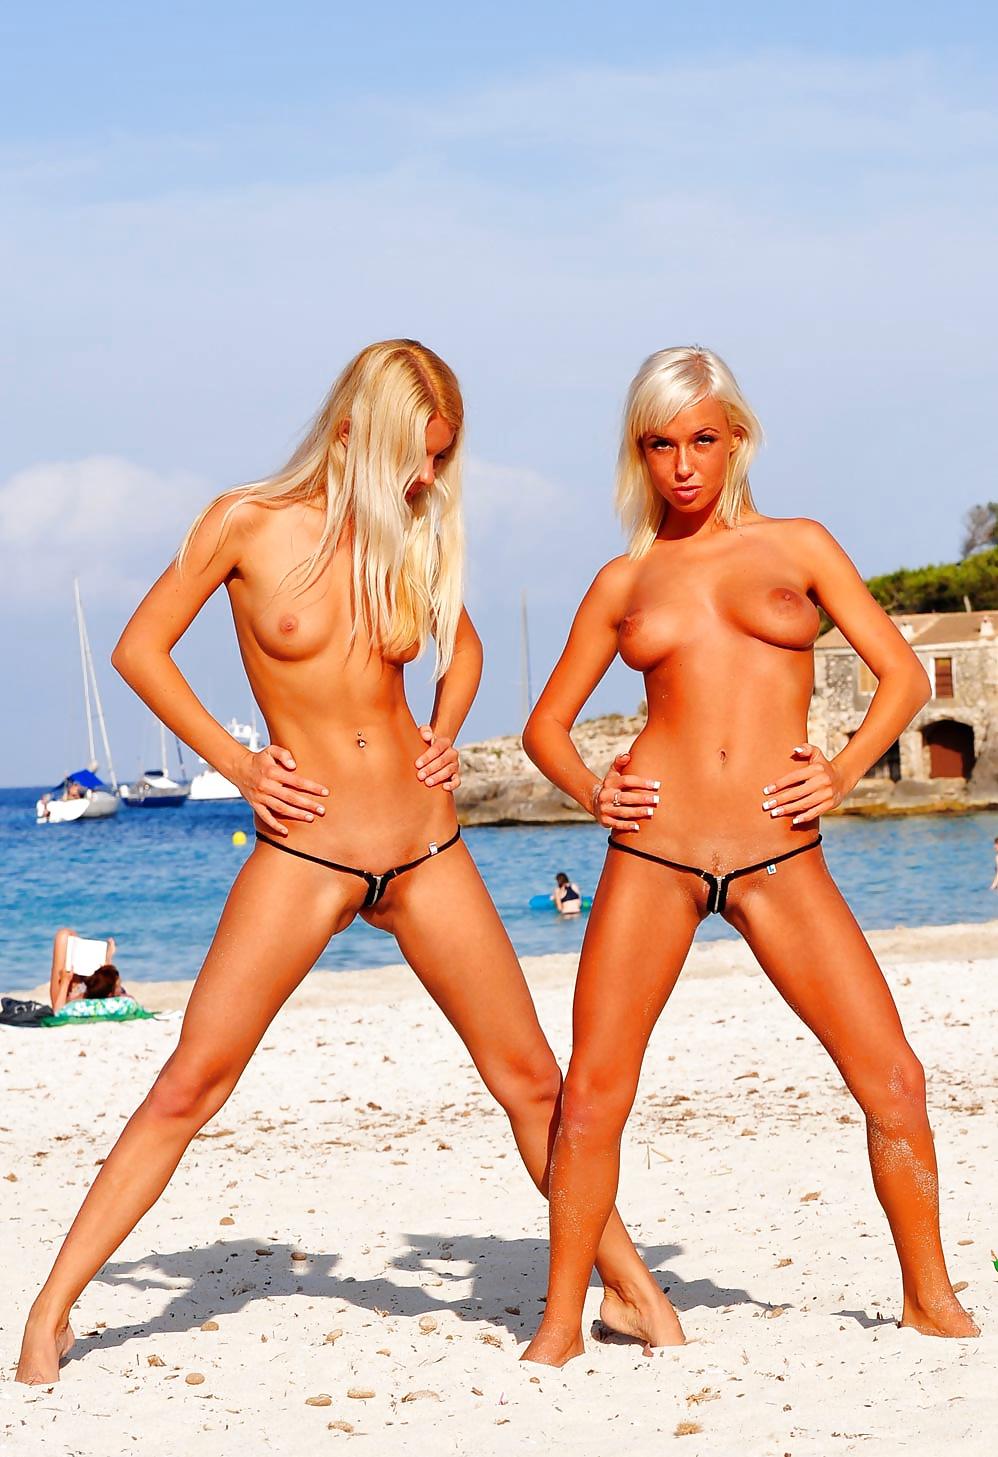 Сексуальные цыпочки обнаженные на пляжах, жена сказала лизать у себя и подруги онлайн порно